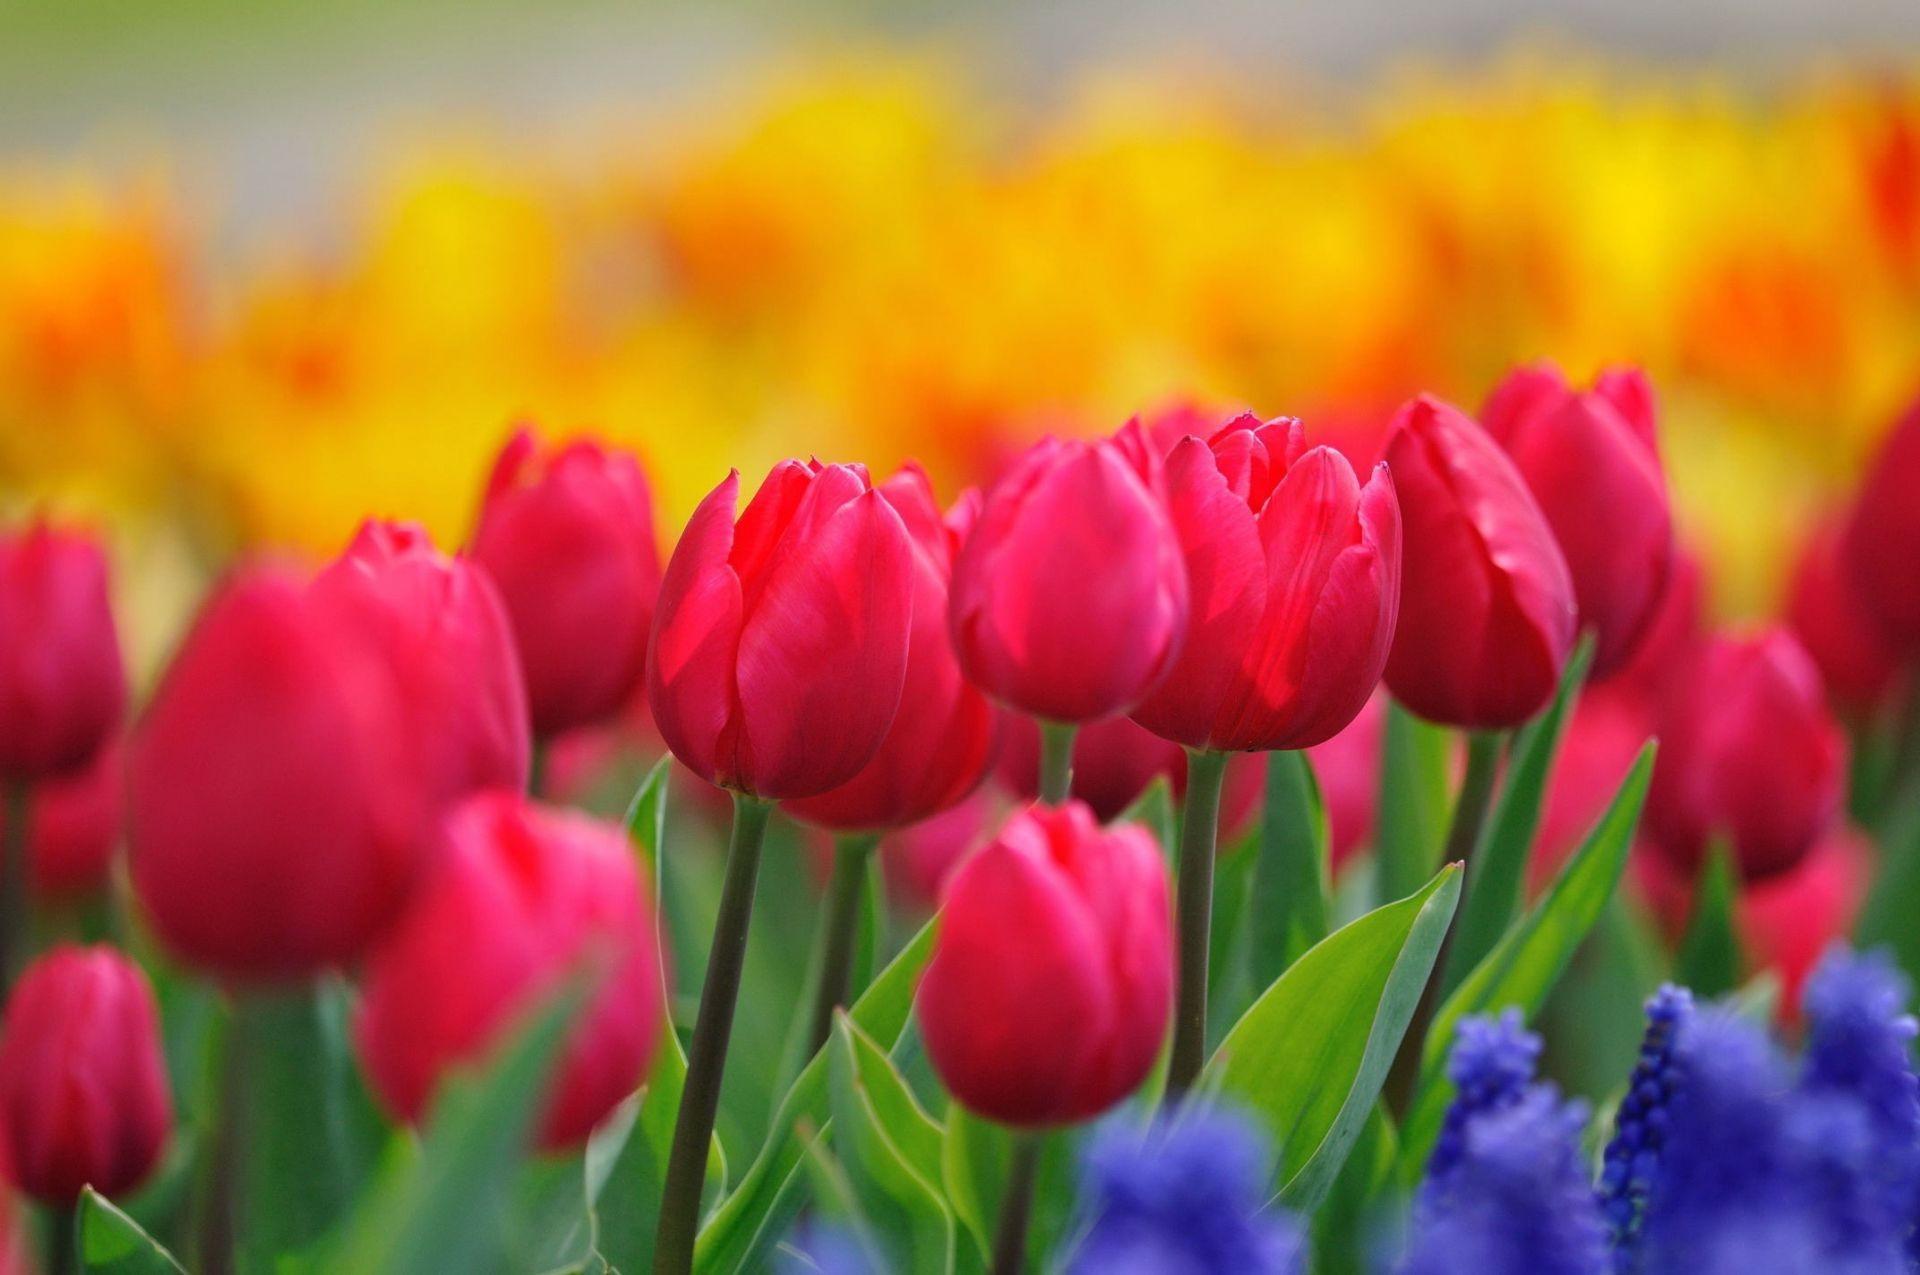 Красивые обои на рабочий стол тюльпаны широкоформатные